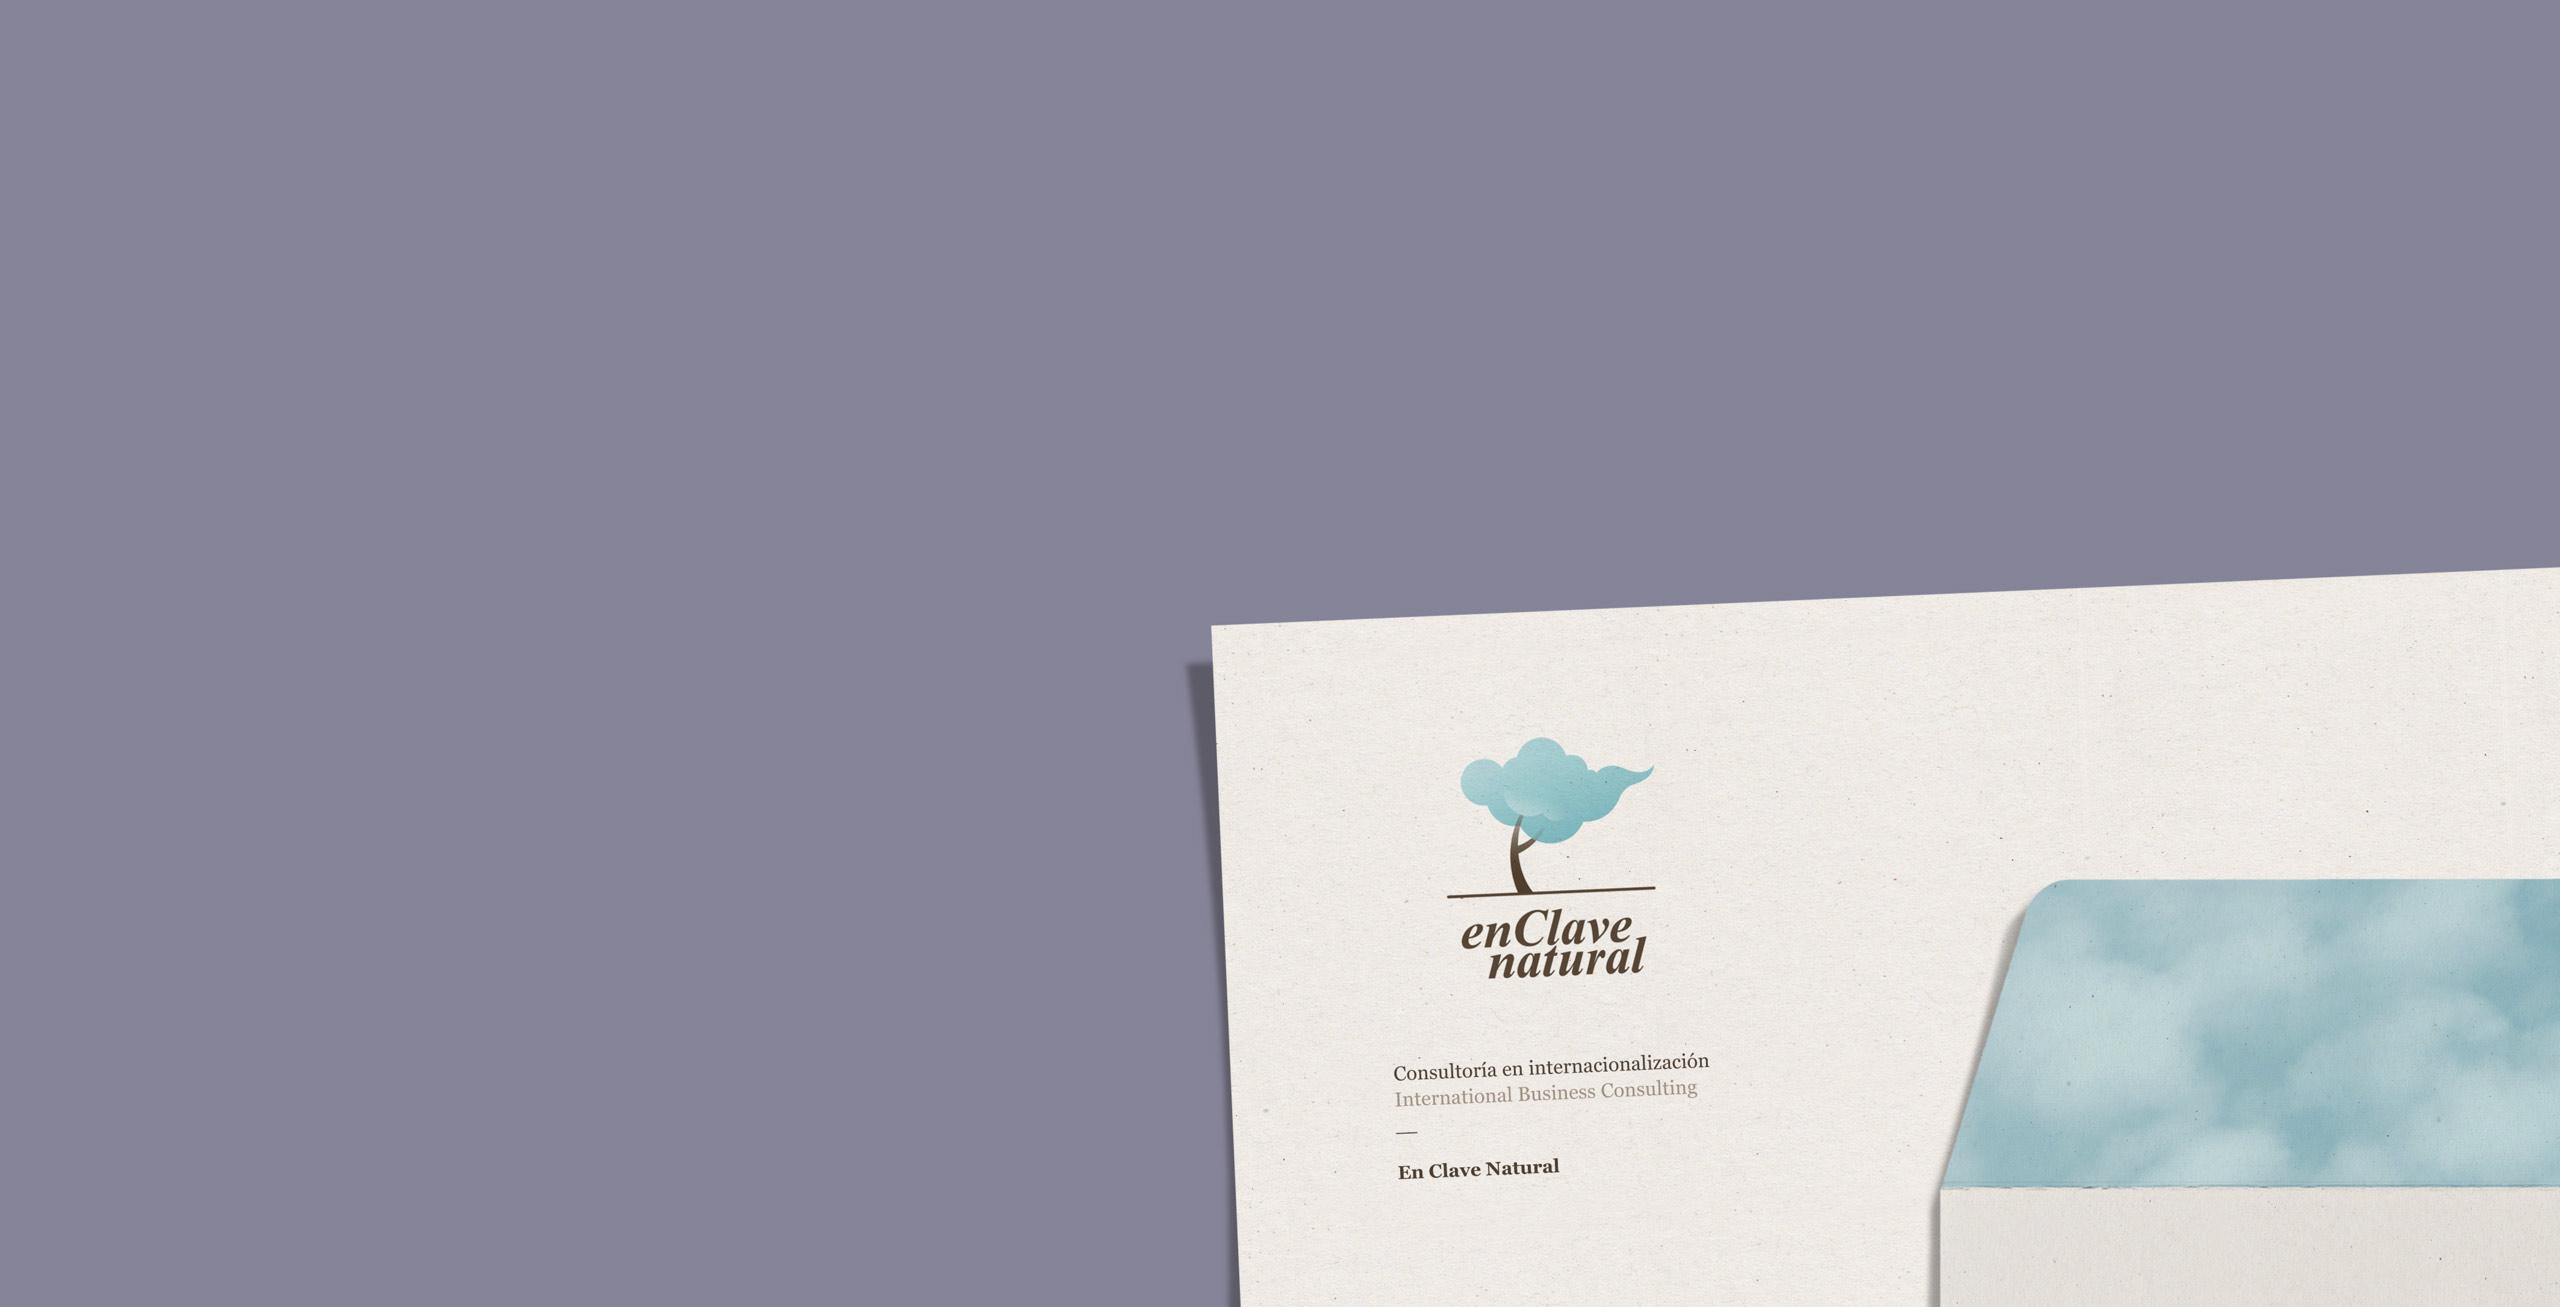 diseño de identidad corporativa de En Clave Natural